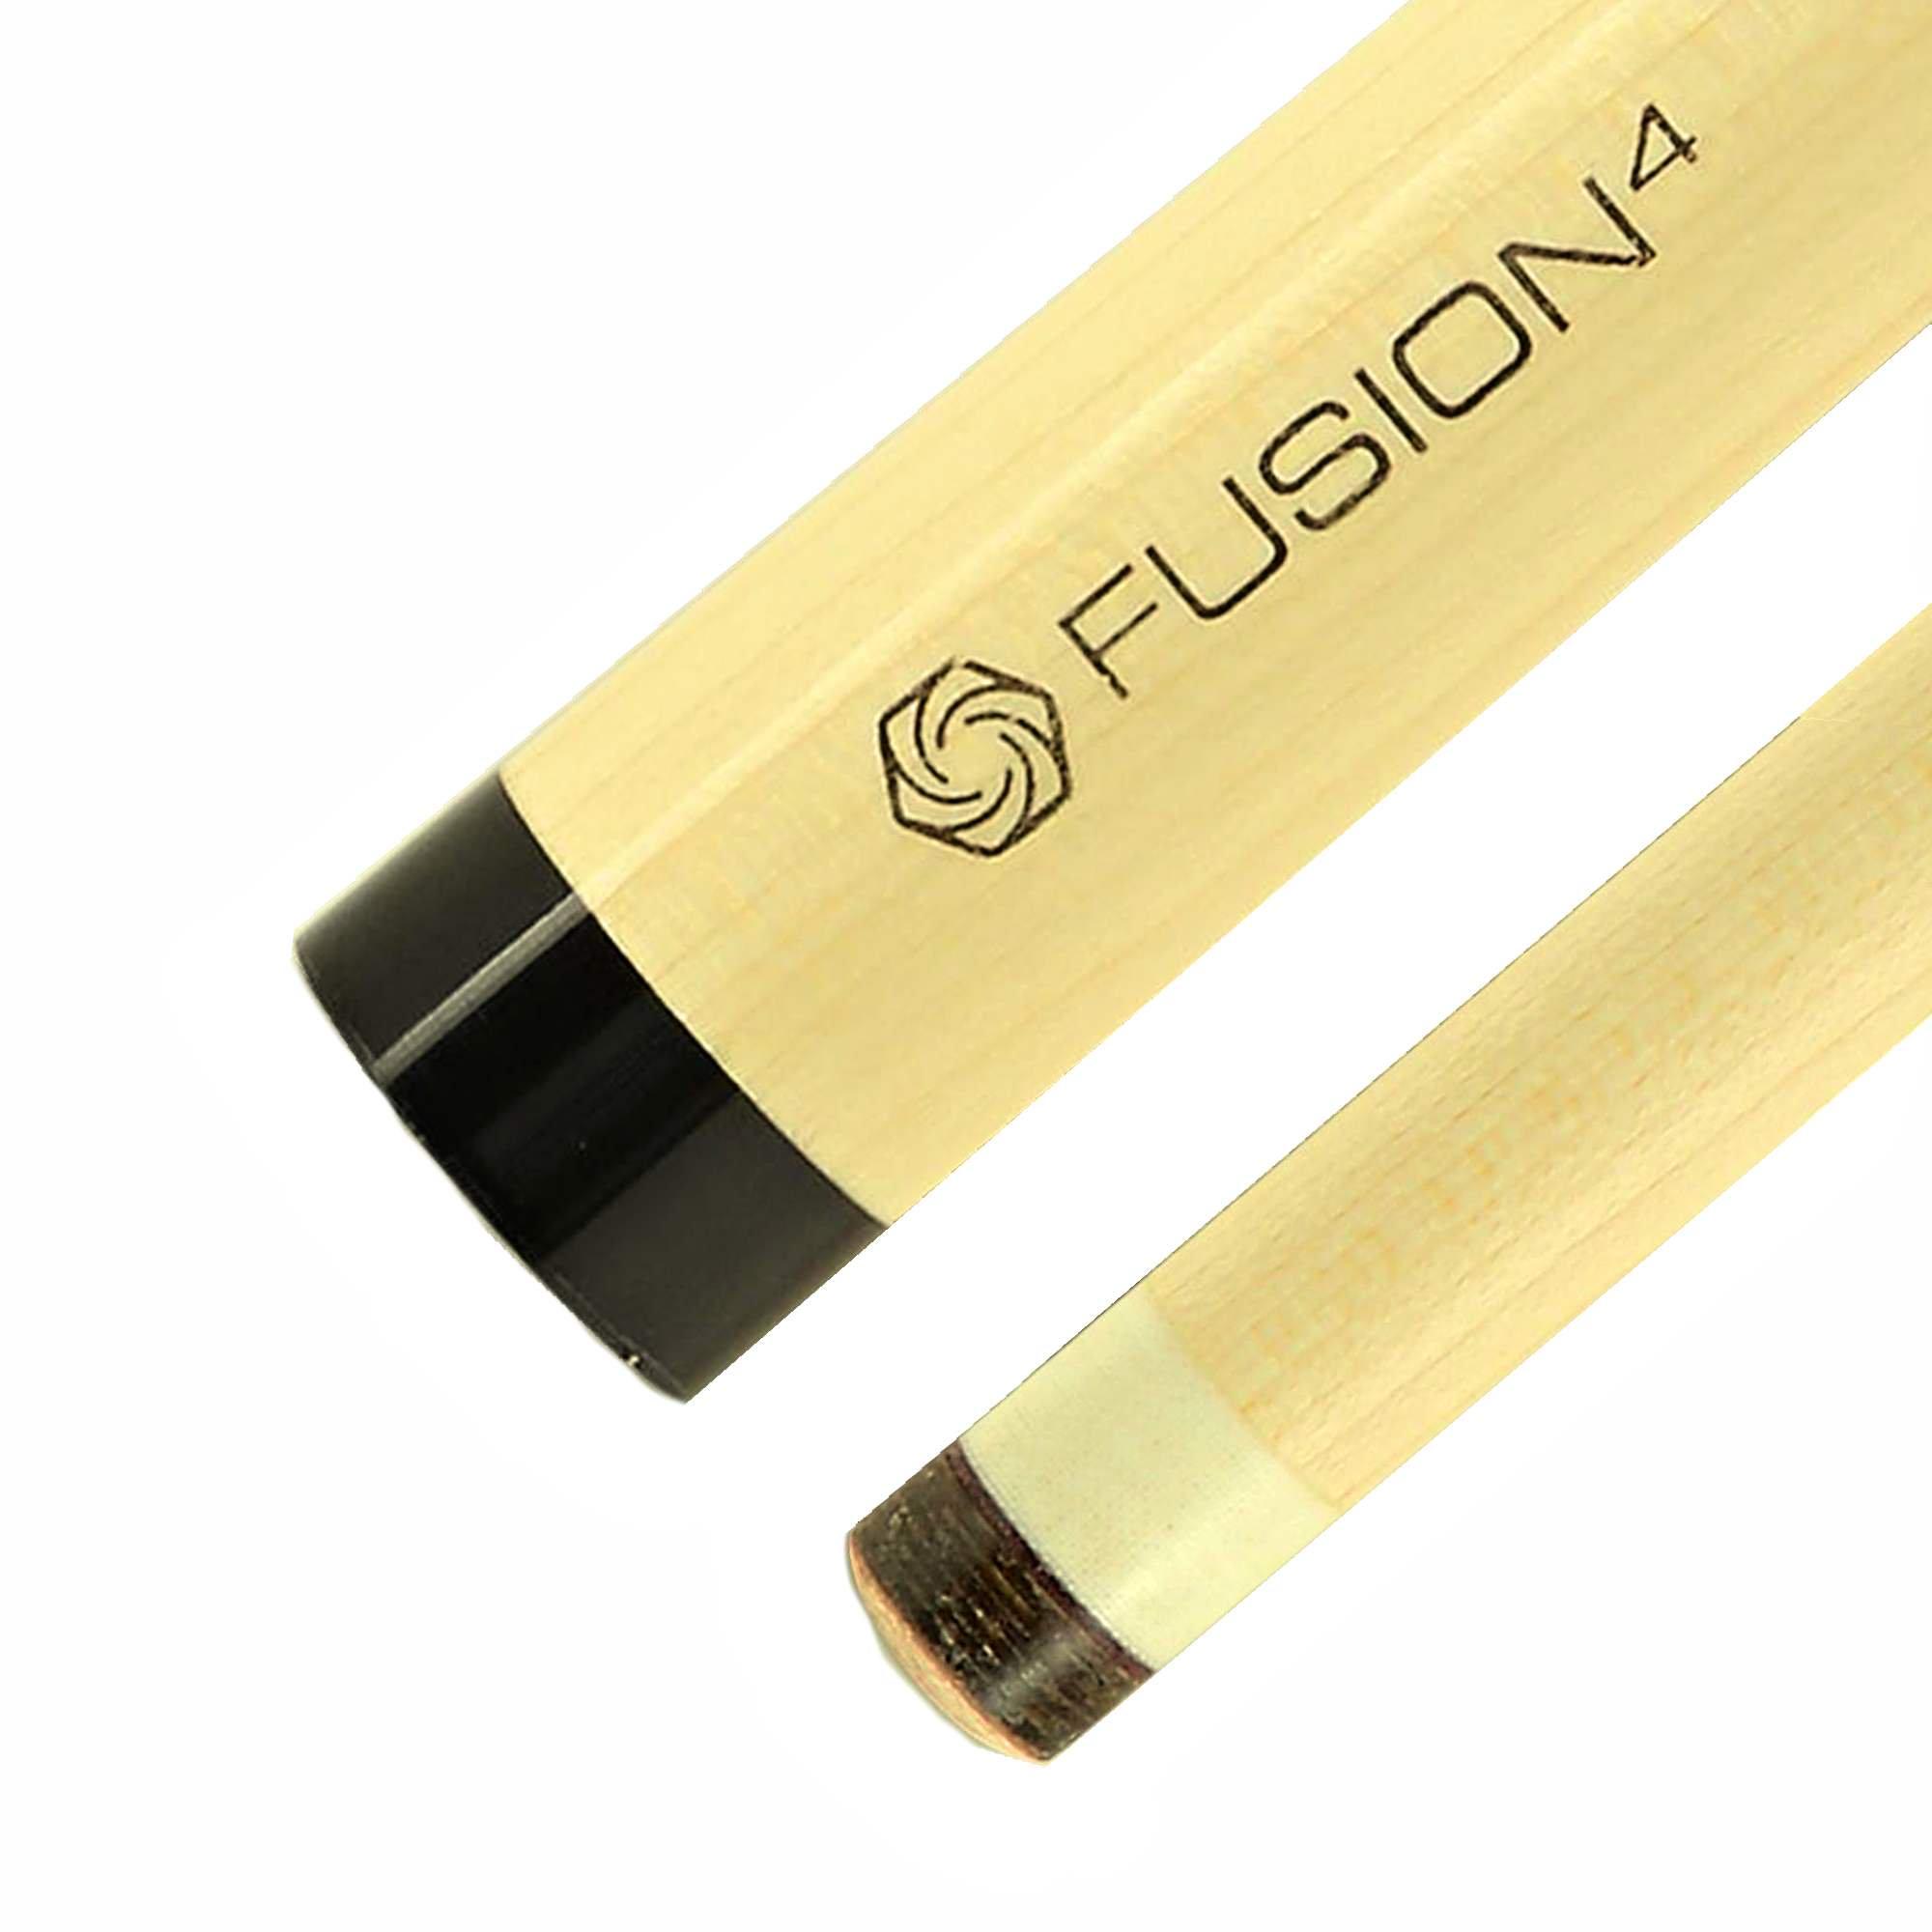 Fusion 12.8mm